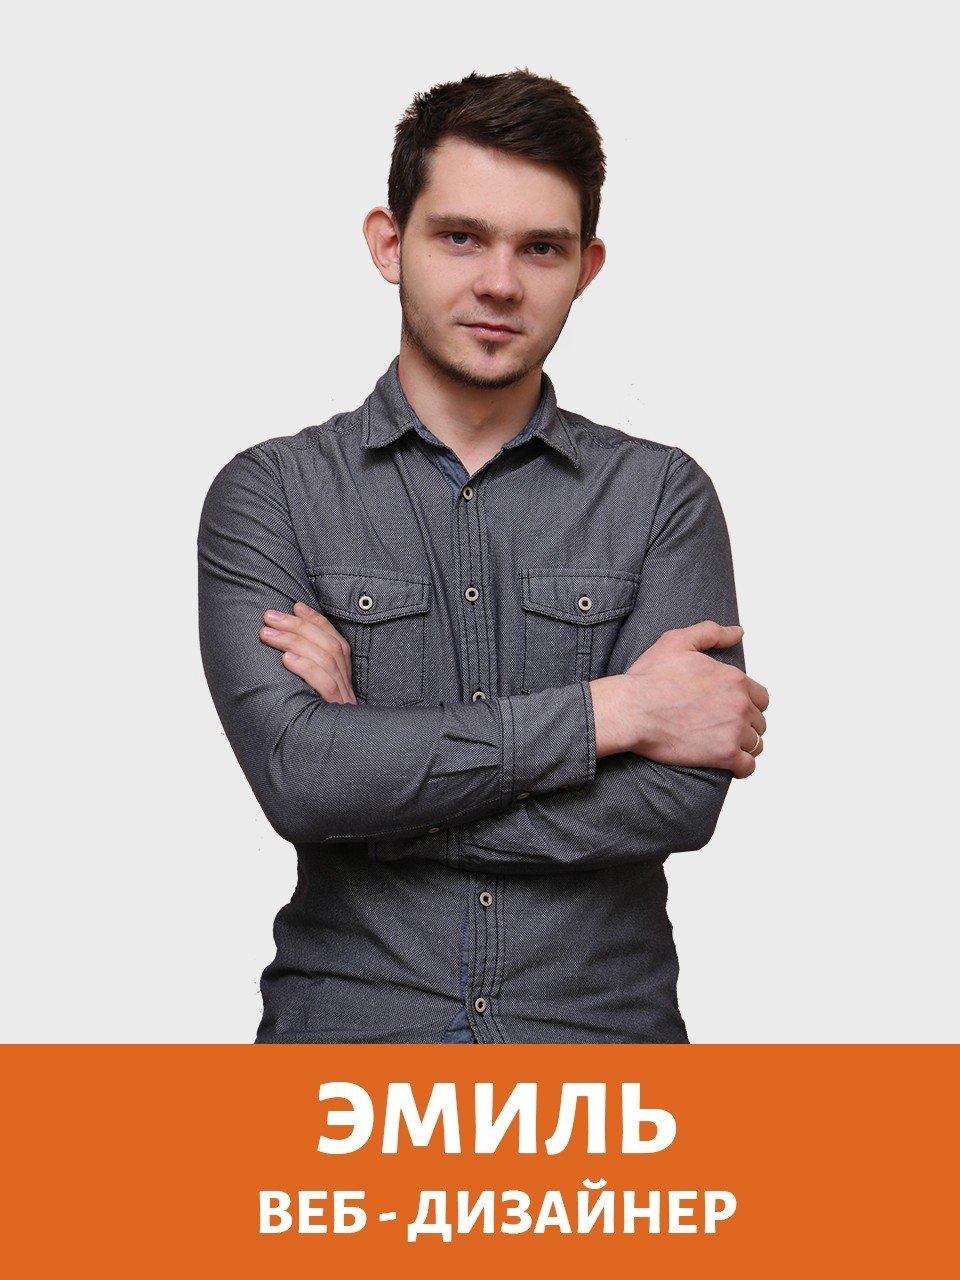 jemil veb dizajner - Сделать сайт